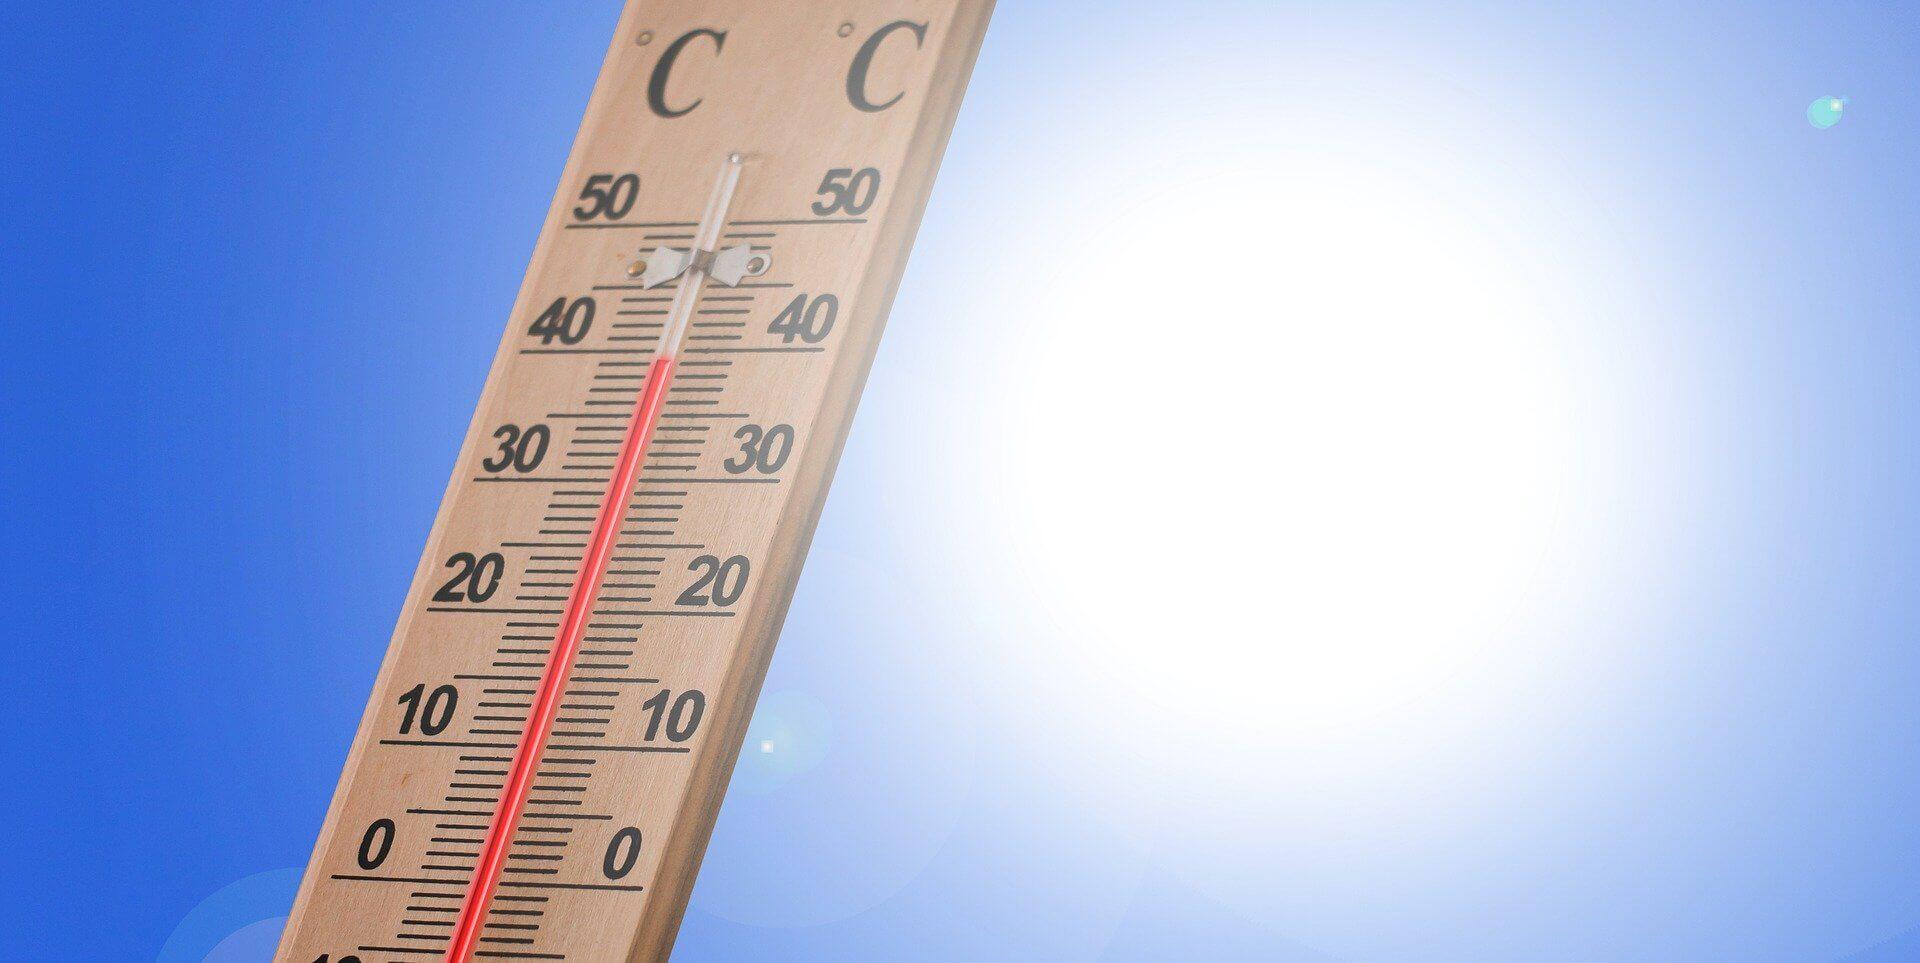 Die Kühlfunktion der Homematic IP Fußbodenheizung - Title